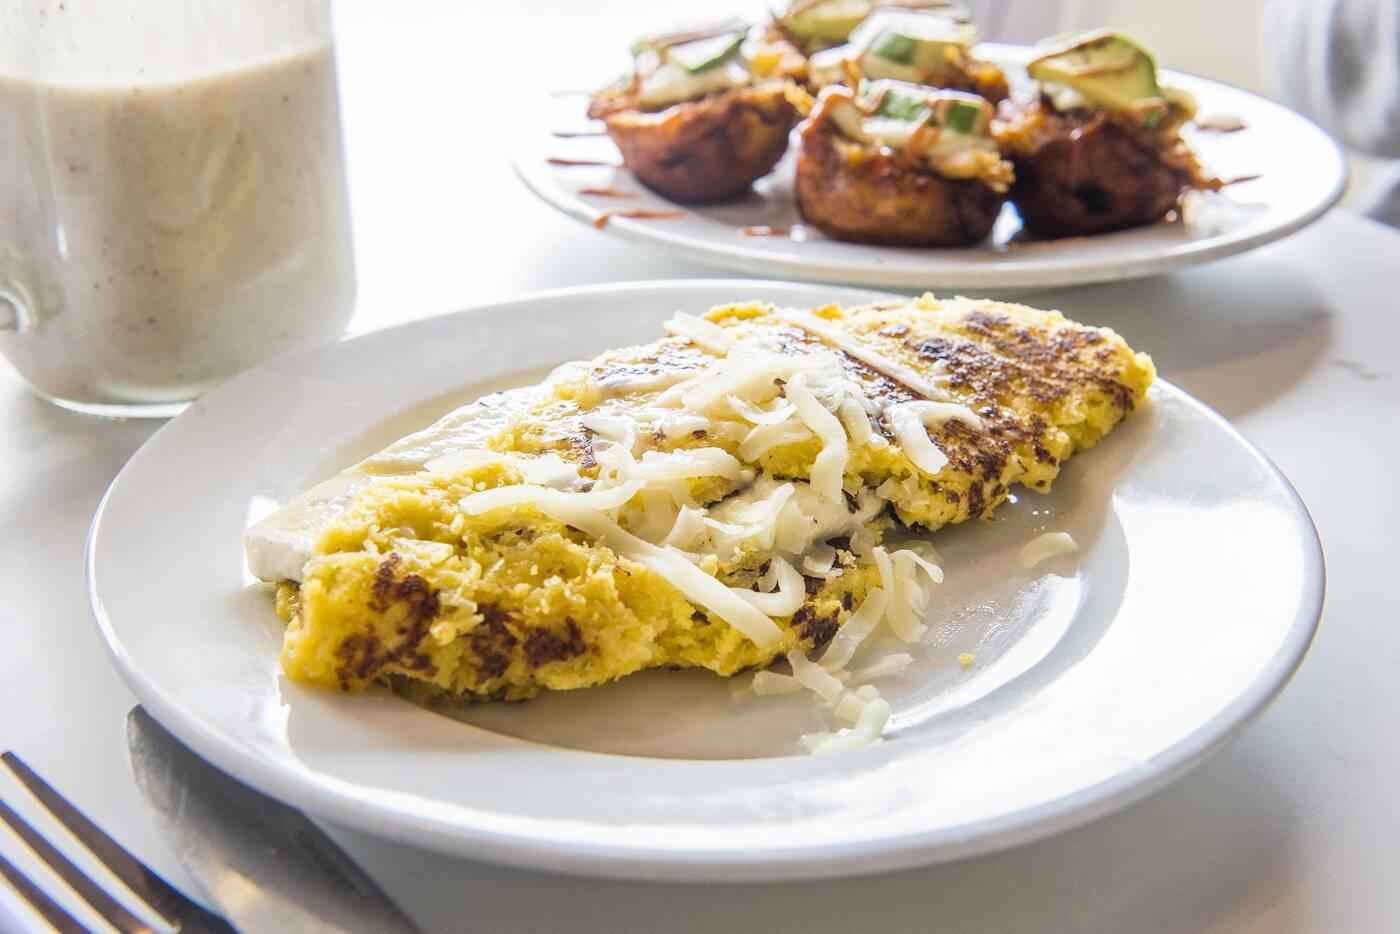 pancakes toronto